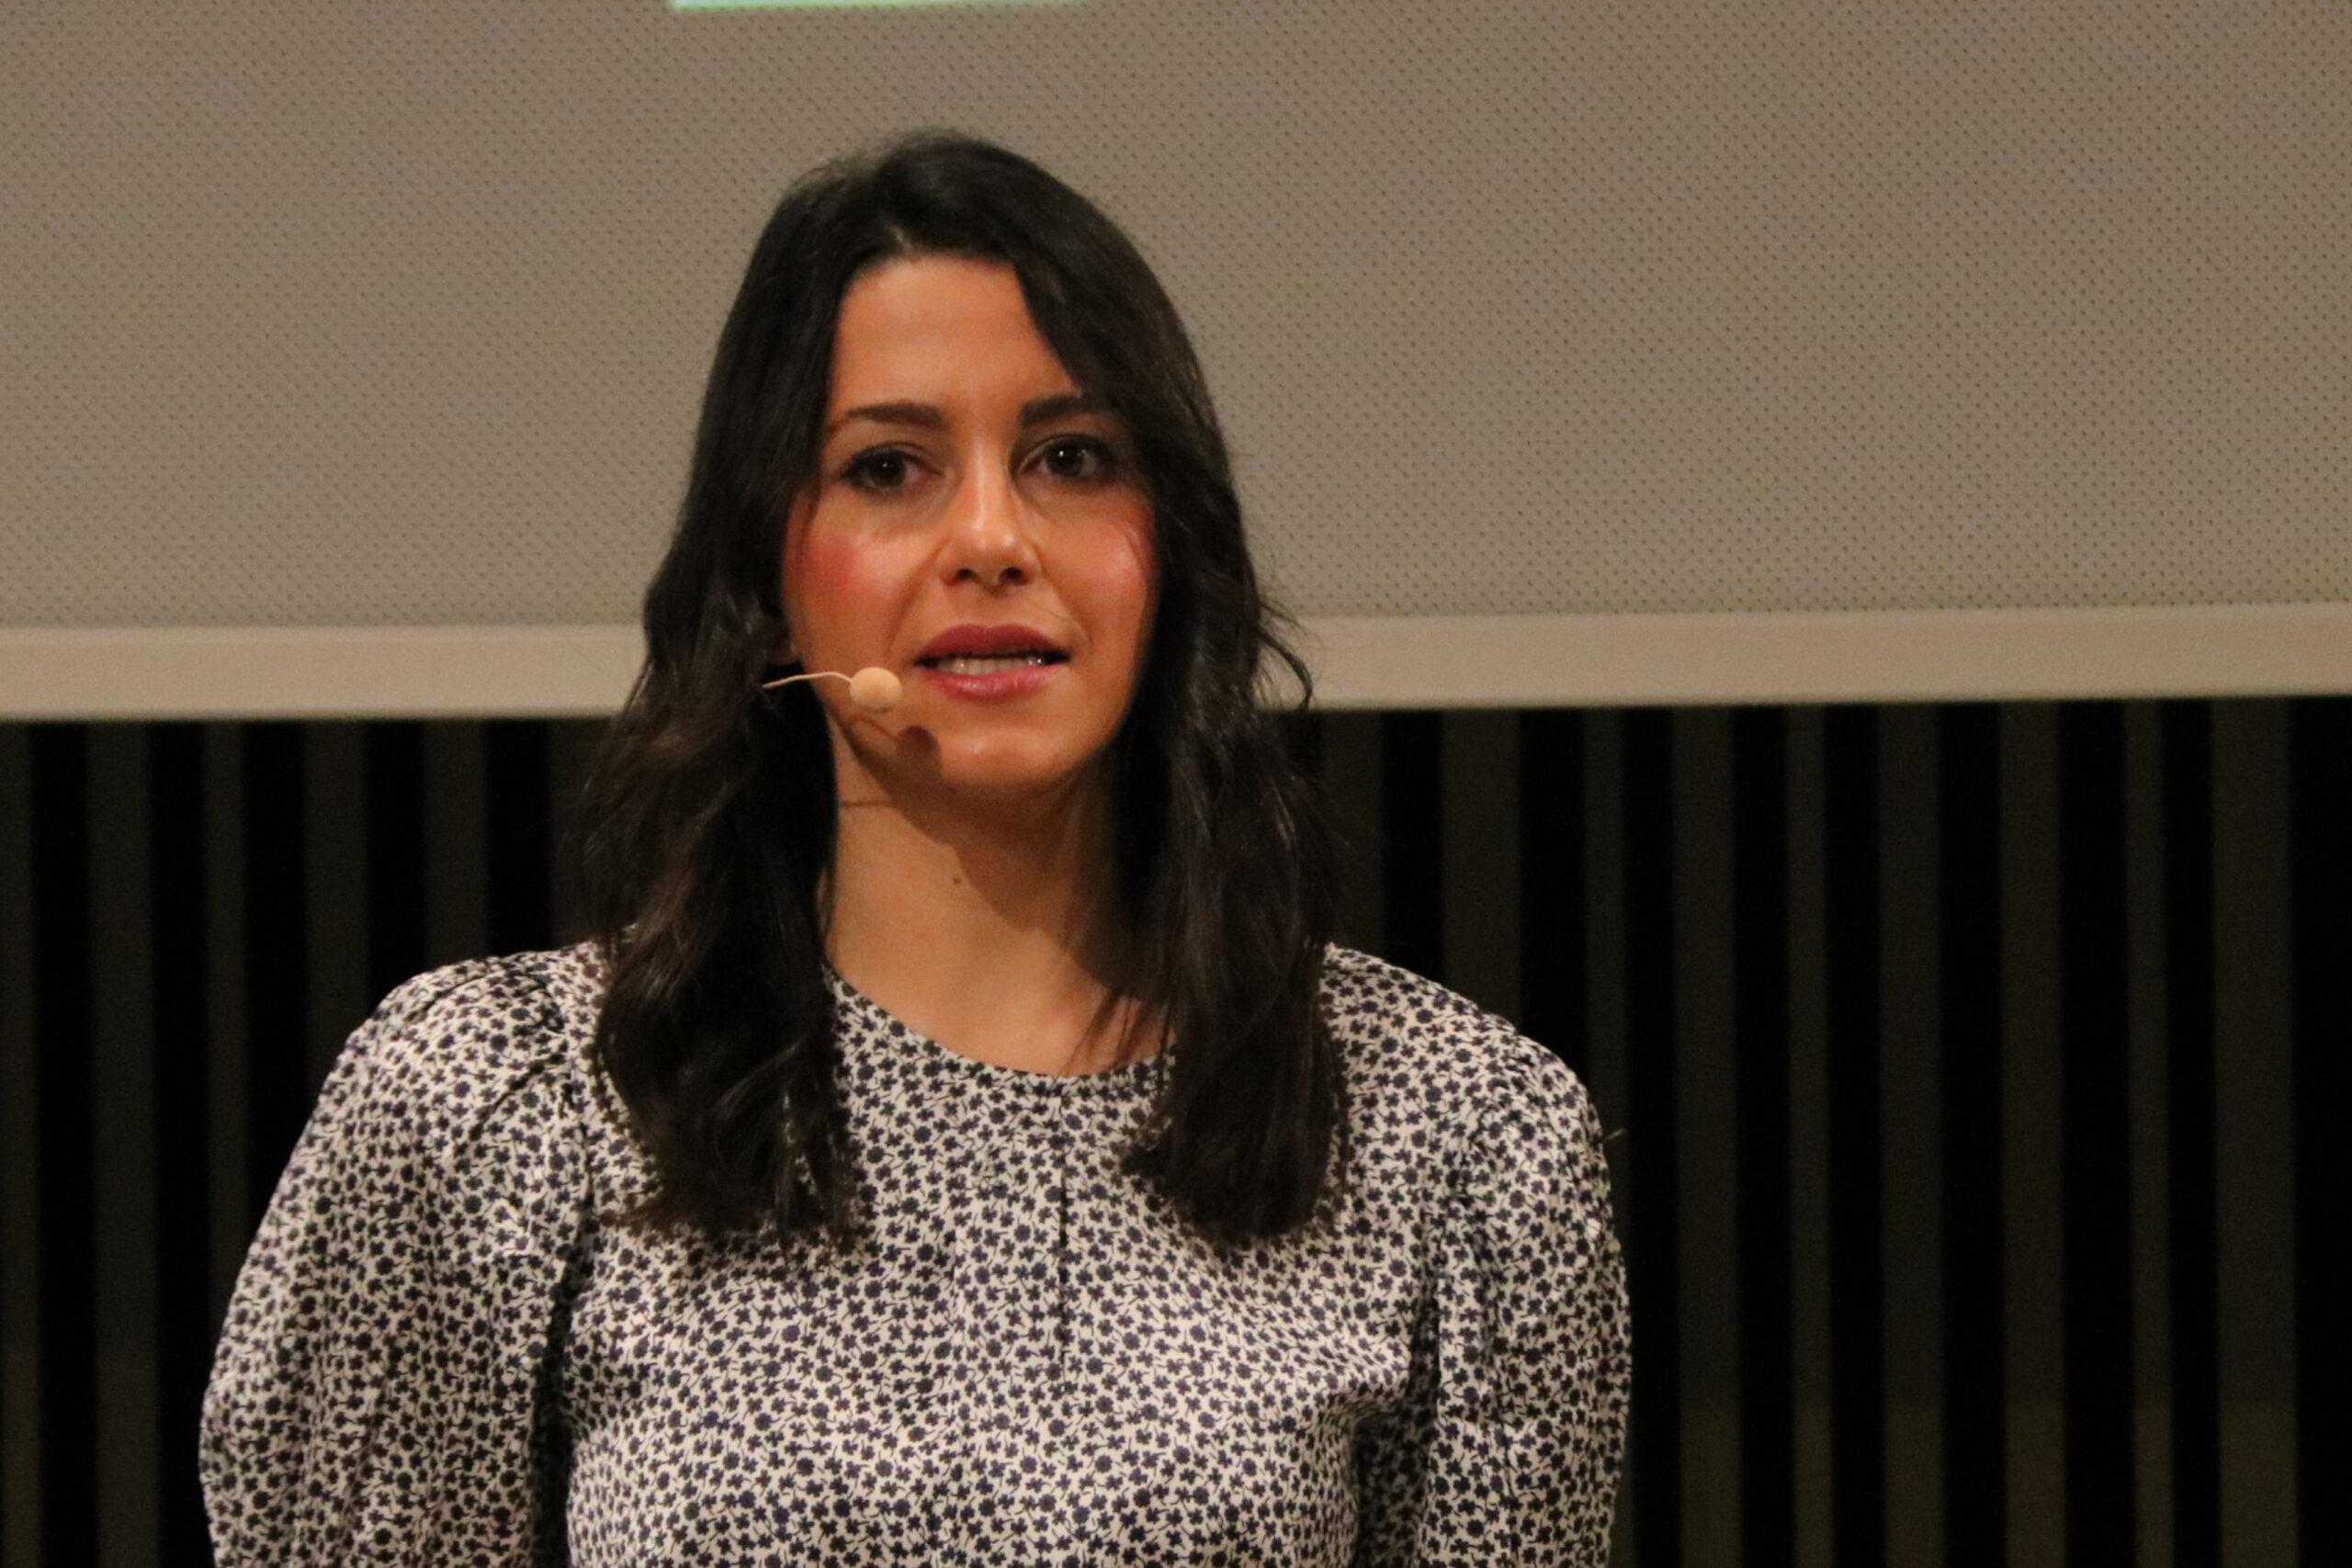 La presidenta de Cs, Inés Arrimadas, durant l'acte de celebració dels 15 anys del partit, el 10 de juliol del 2021 / ACN